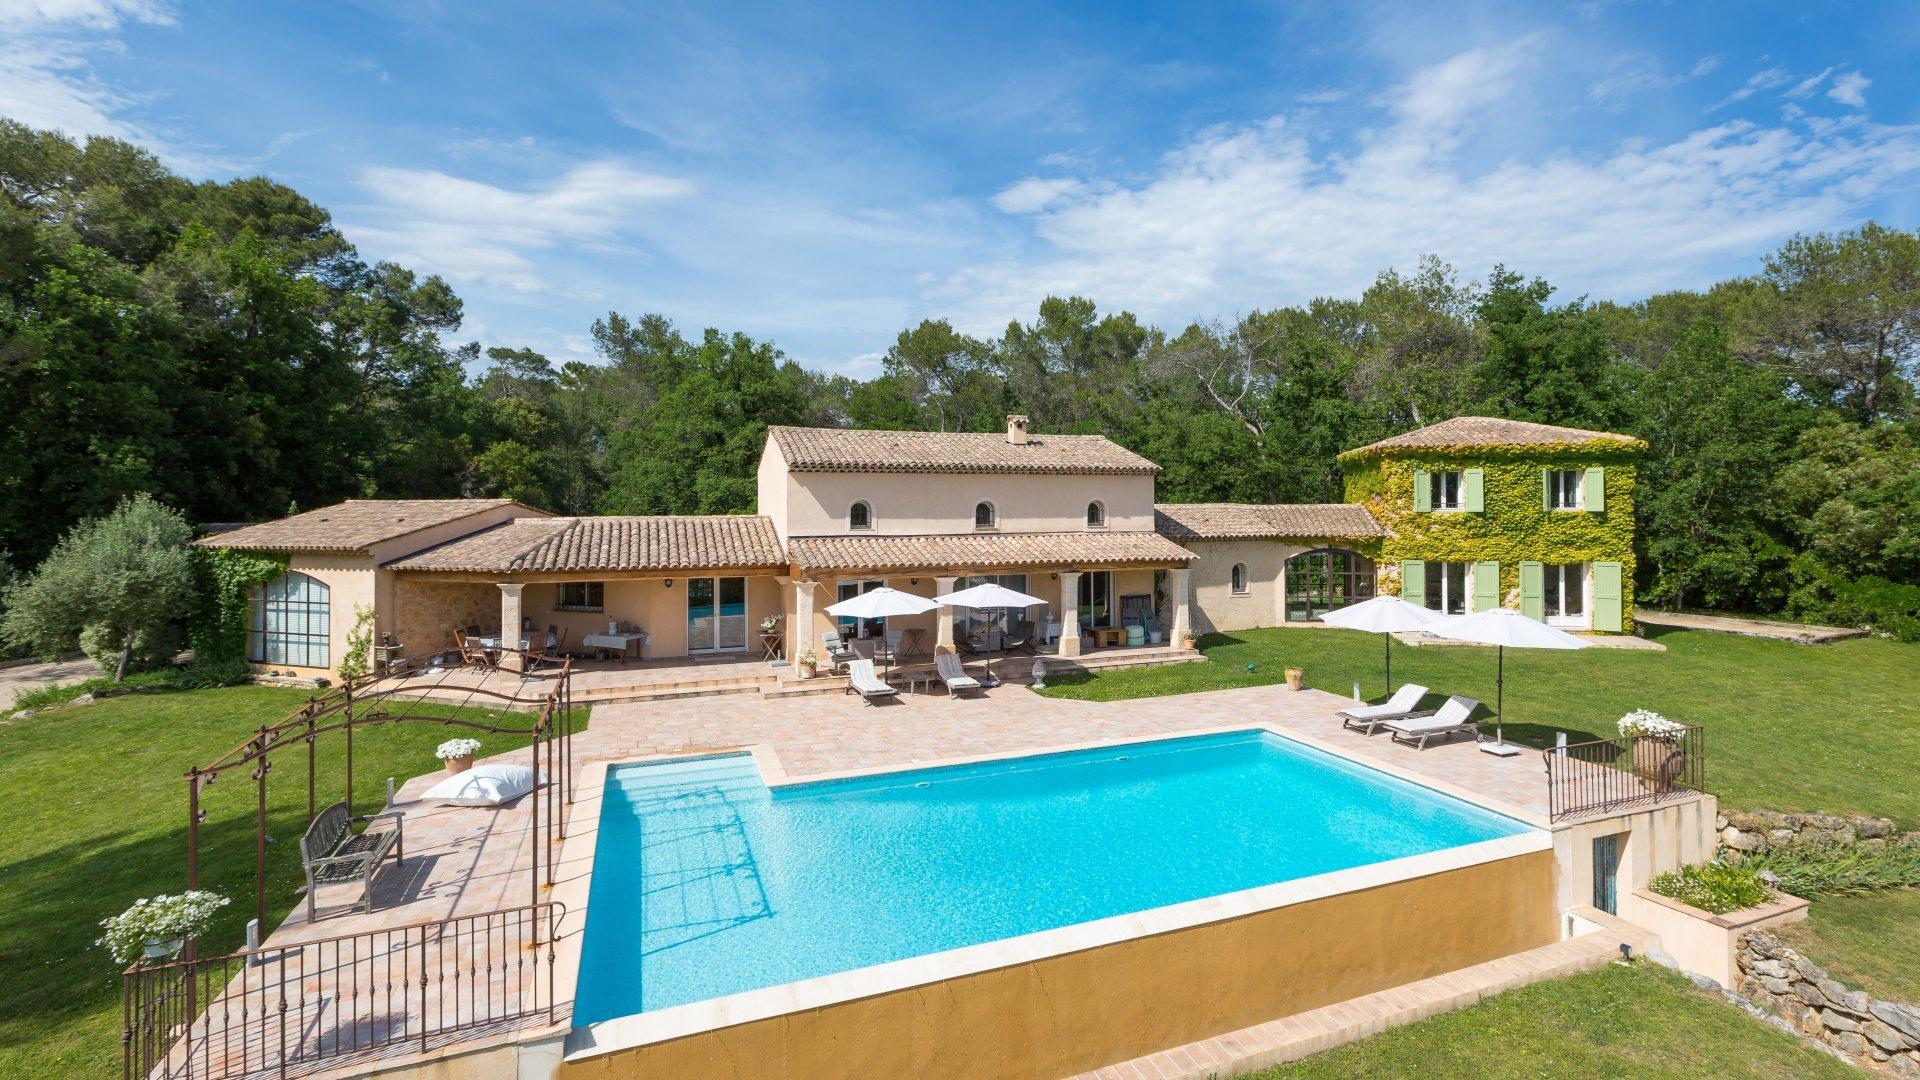 Valbonne - Villa dans un domaine privé, au calme absolu